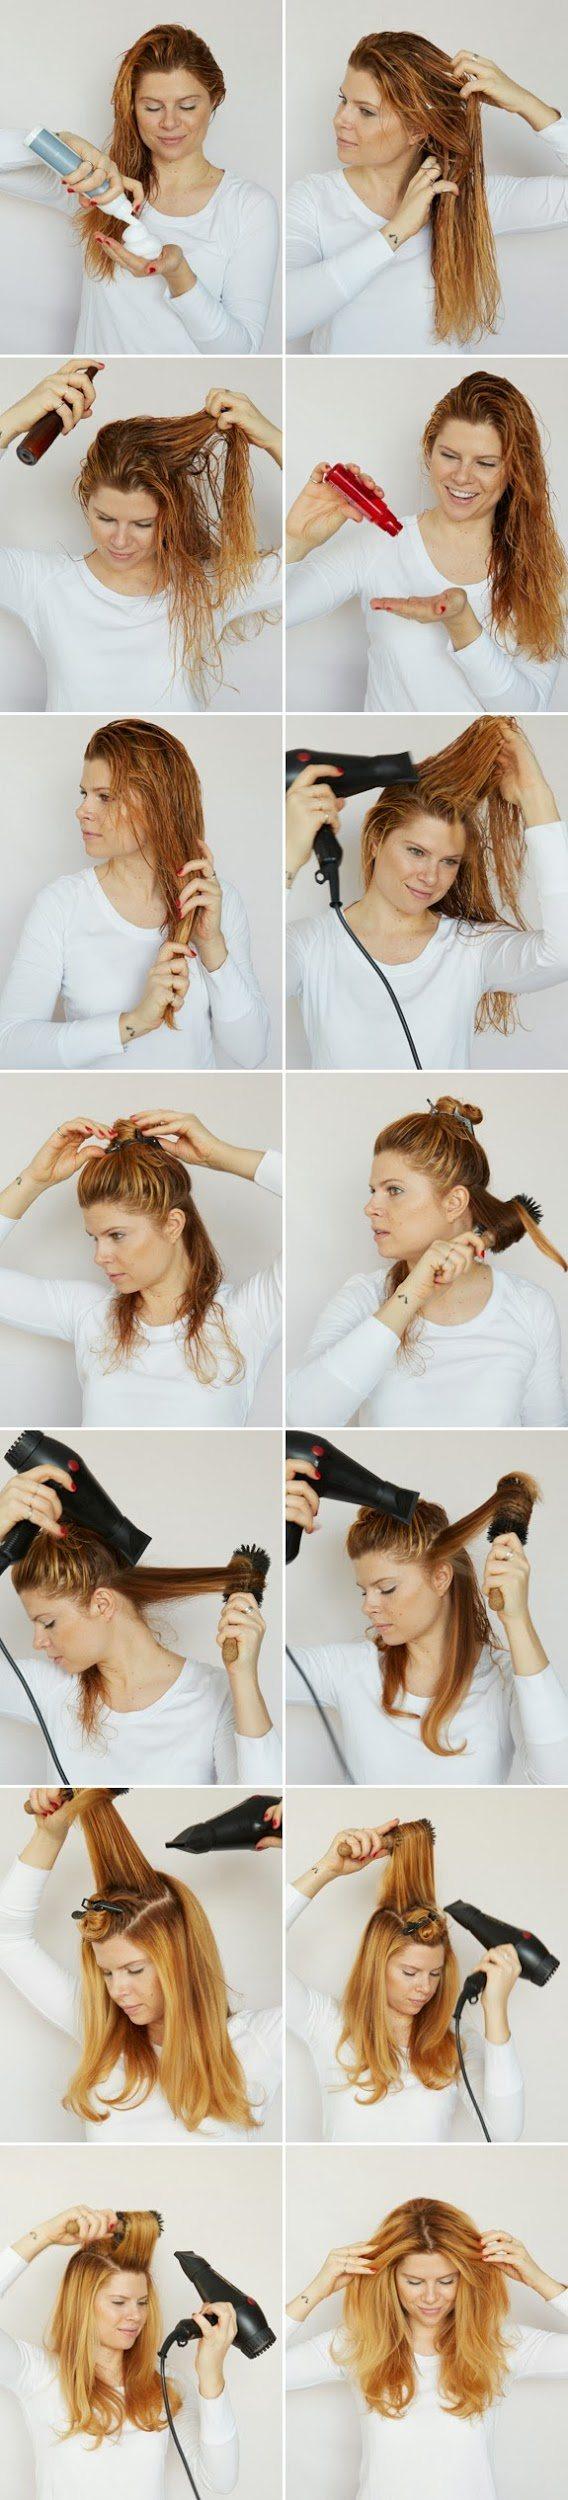 Укладка волос феном в домашних условиях - пошаговая инструкция